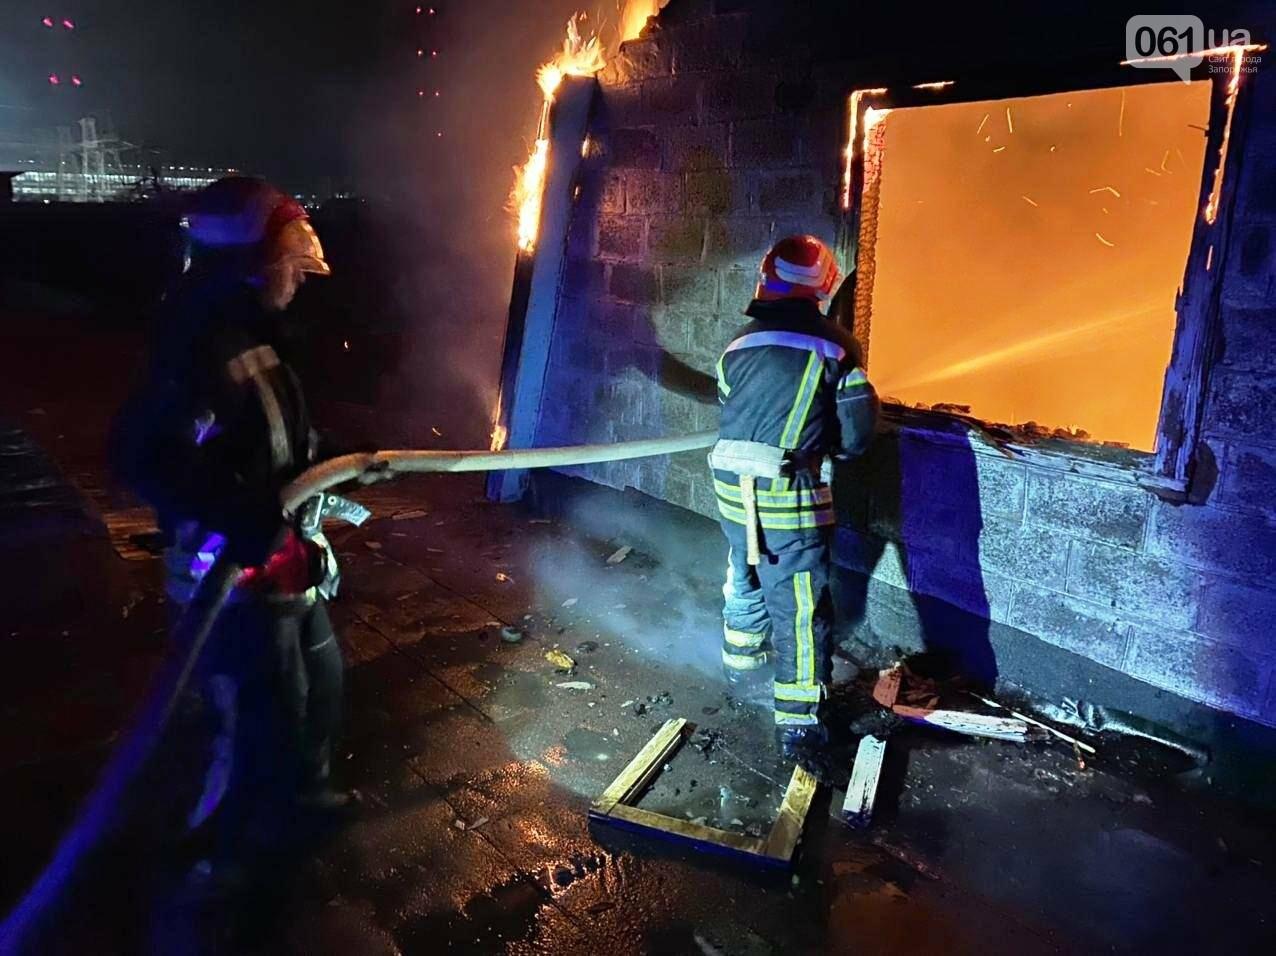 В Запорожской области загорелся жилой дом из-за проблем с печным отоплением: пожар тушили 15 спасателей , фото-4